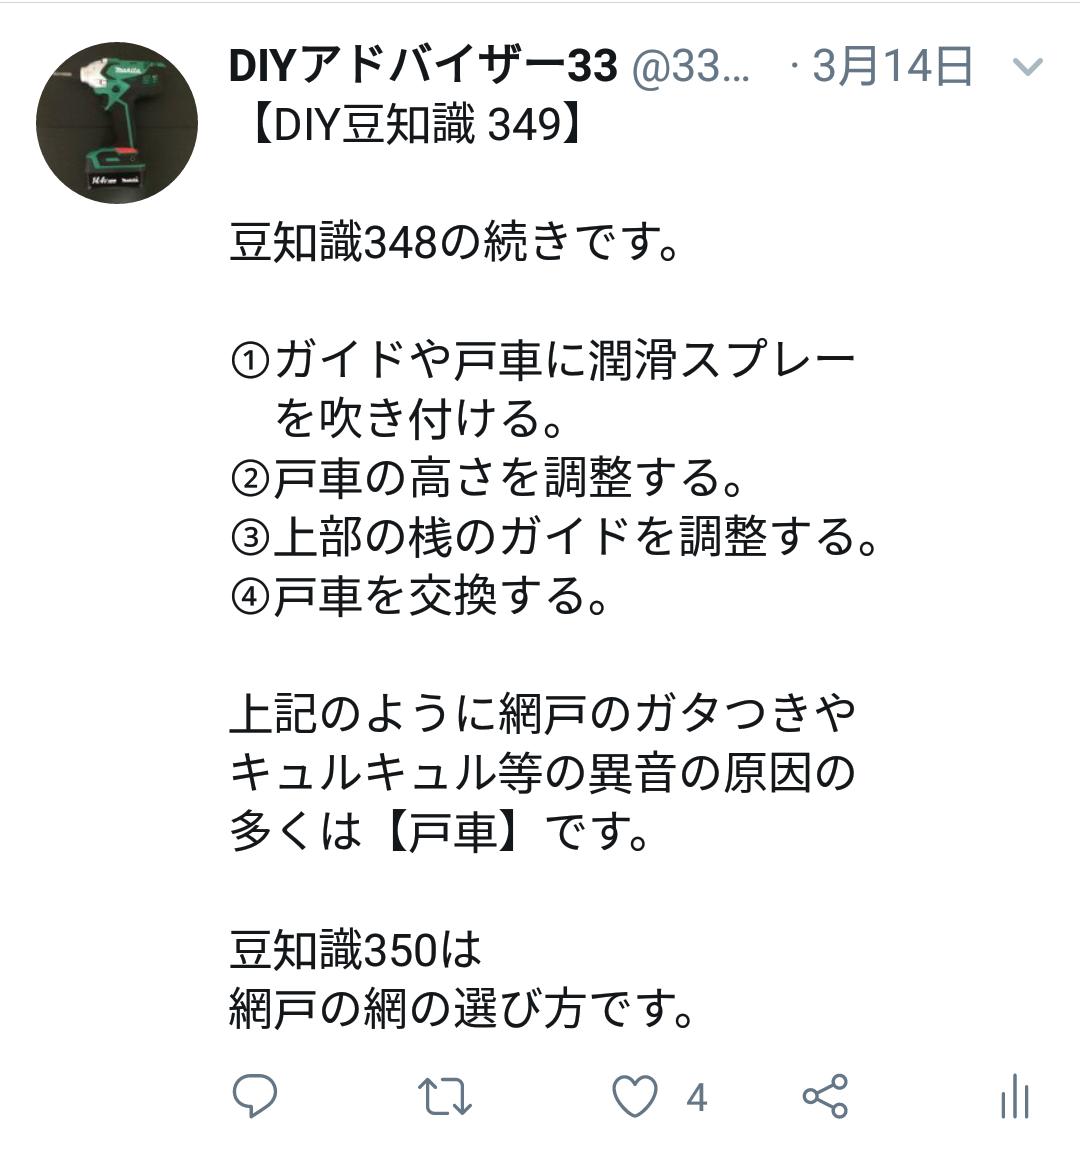 f:id:DIY33:20190411004827p:plain